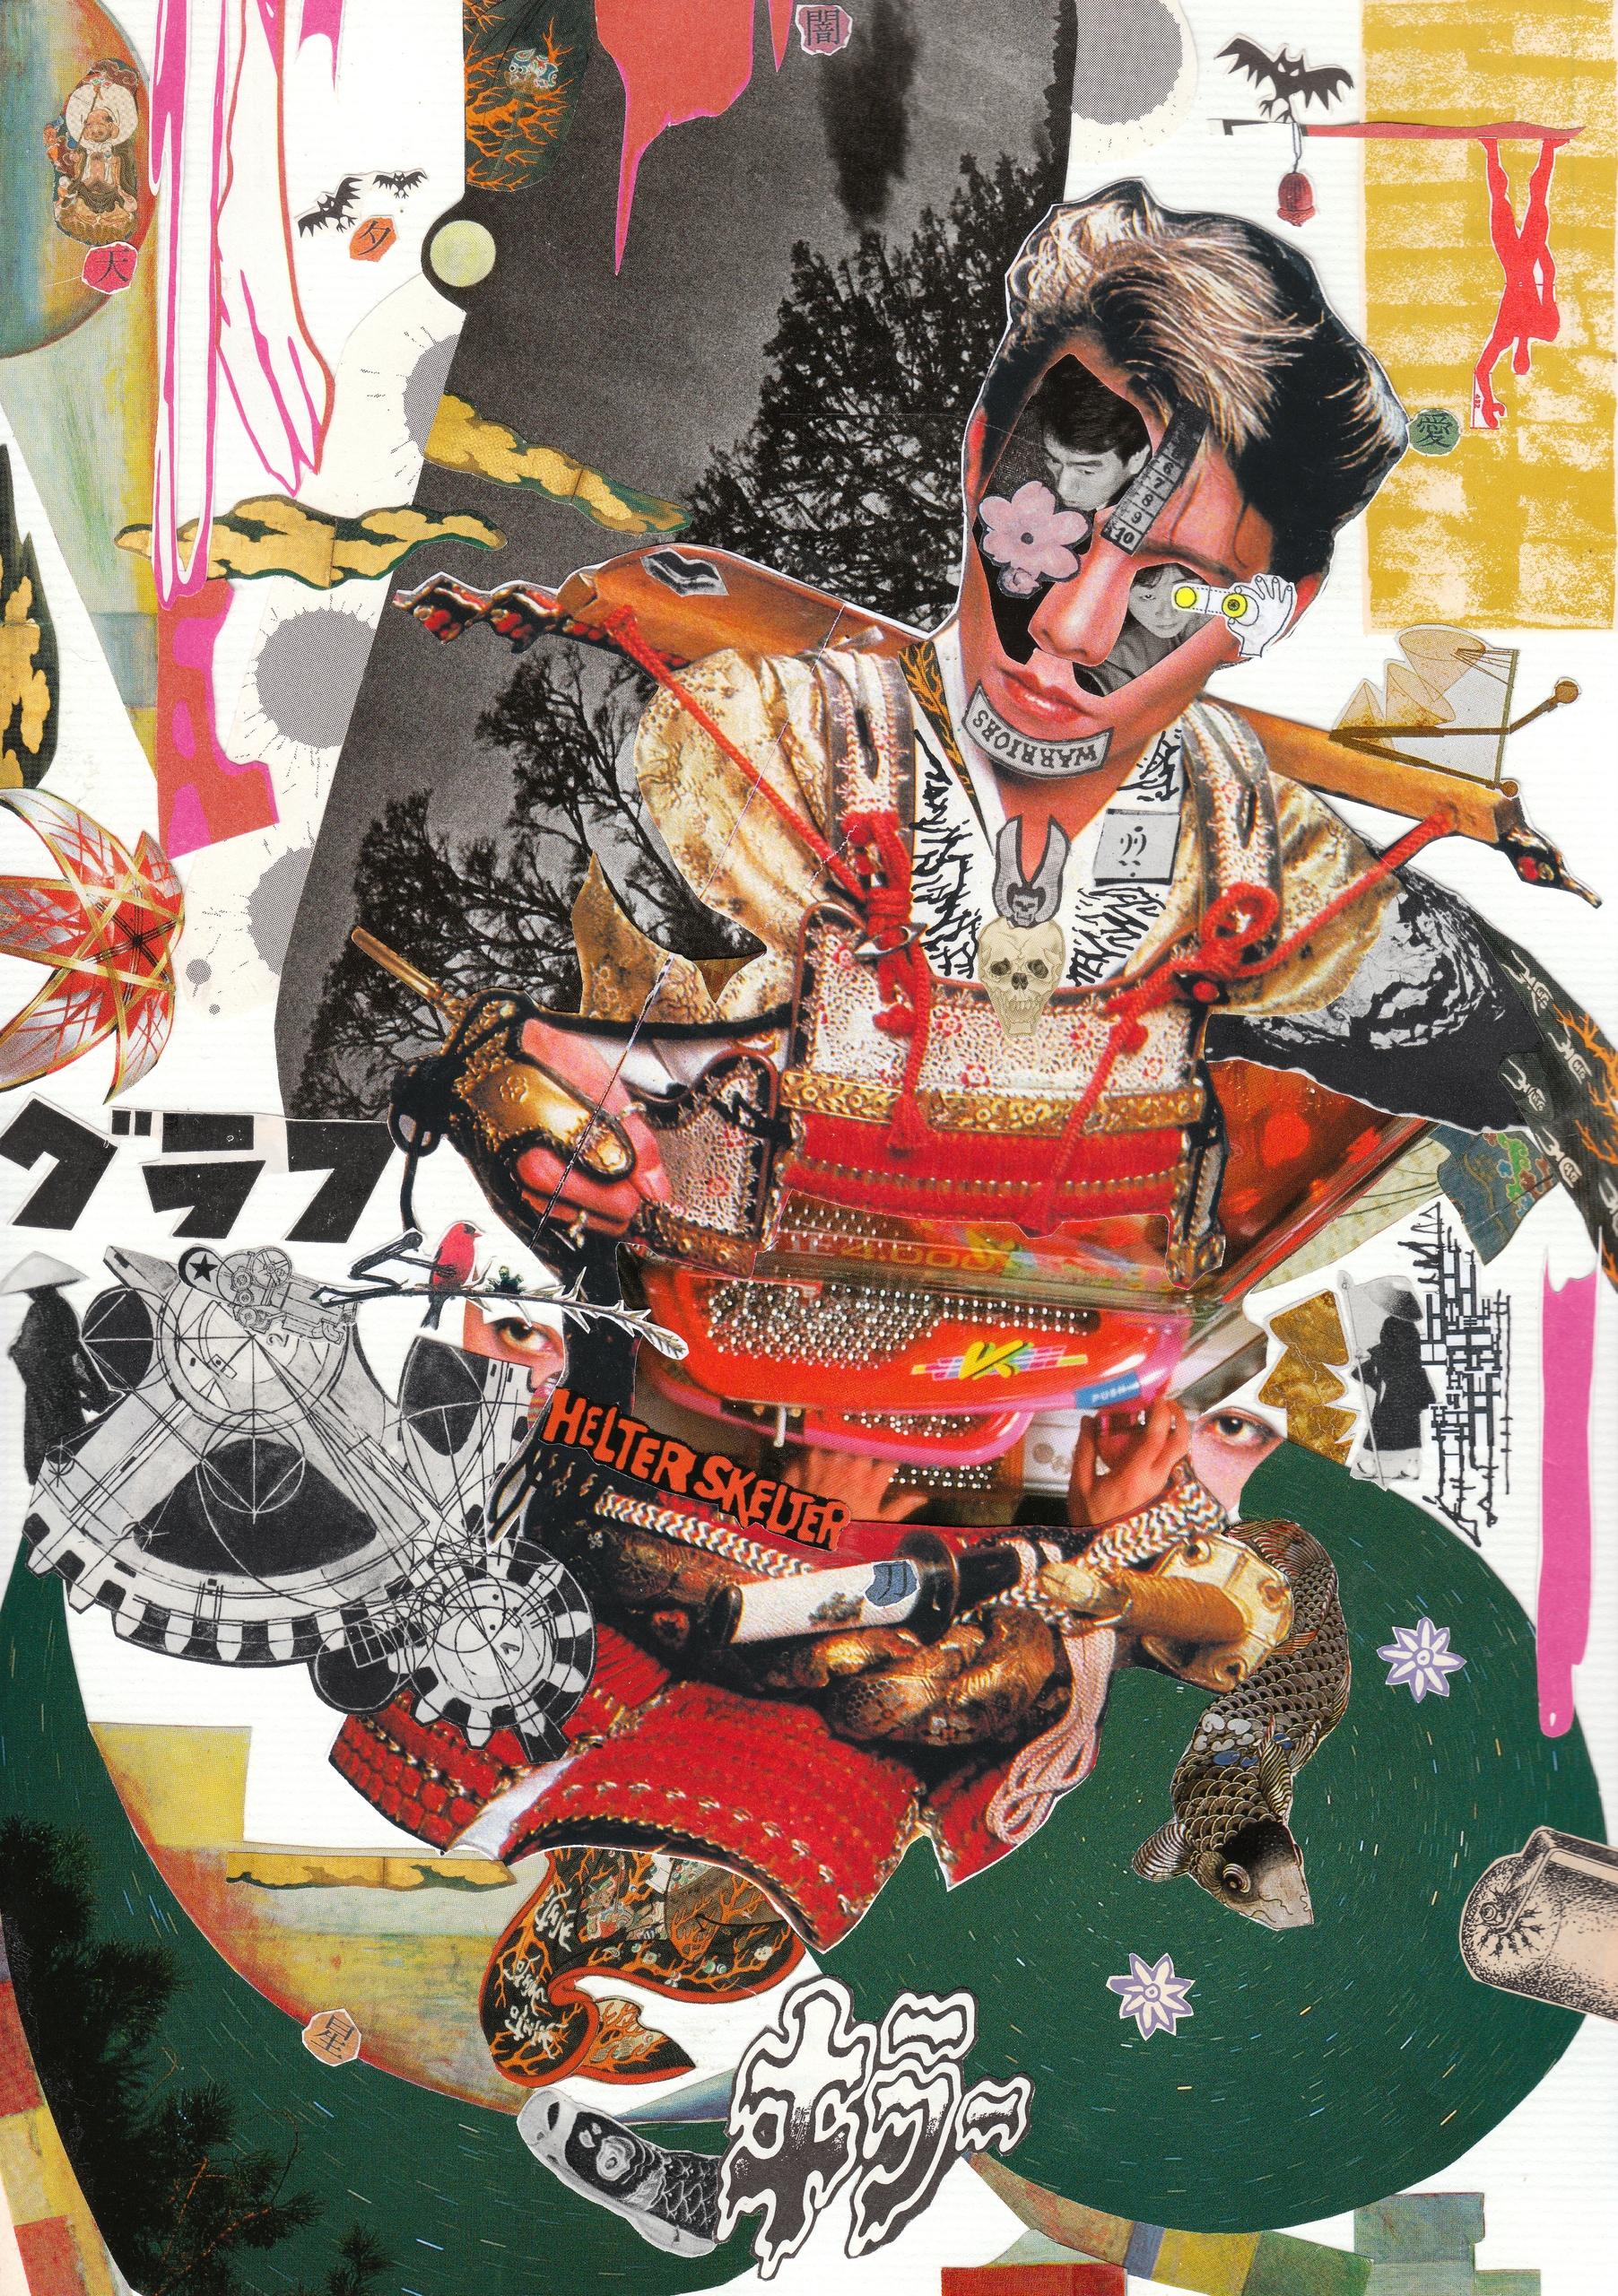 samurai pachinko charger handma - tsun-zaku | ello